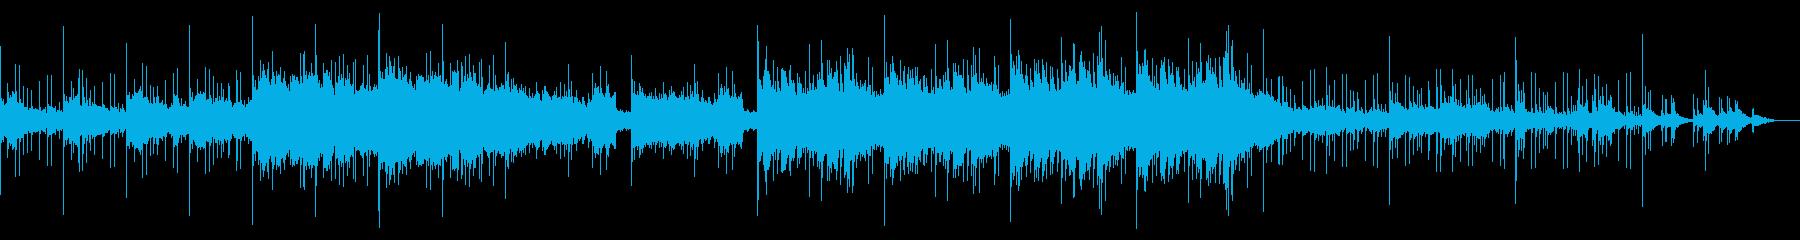 アジア 静か エスニック ハイテク...の再生済みの波形